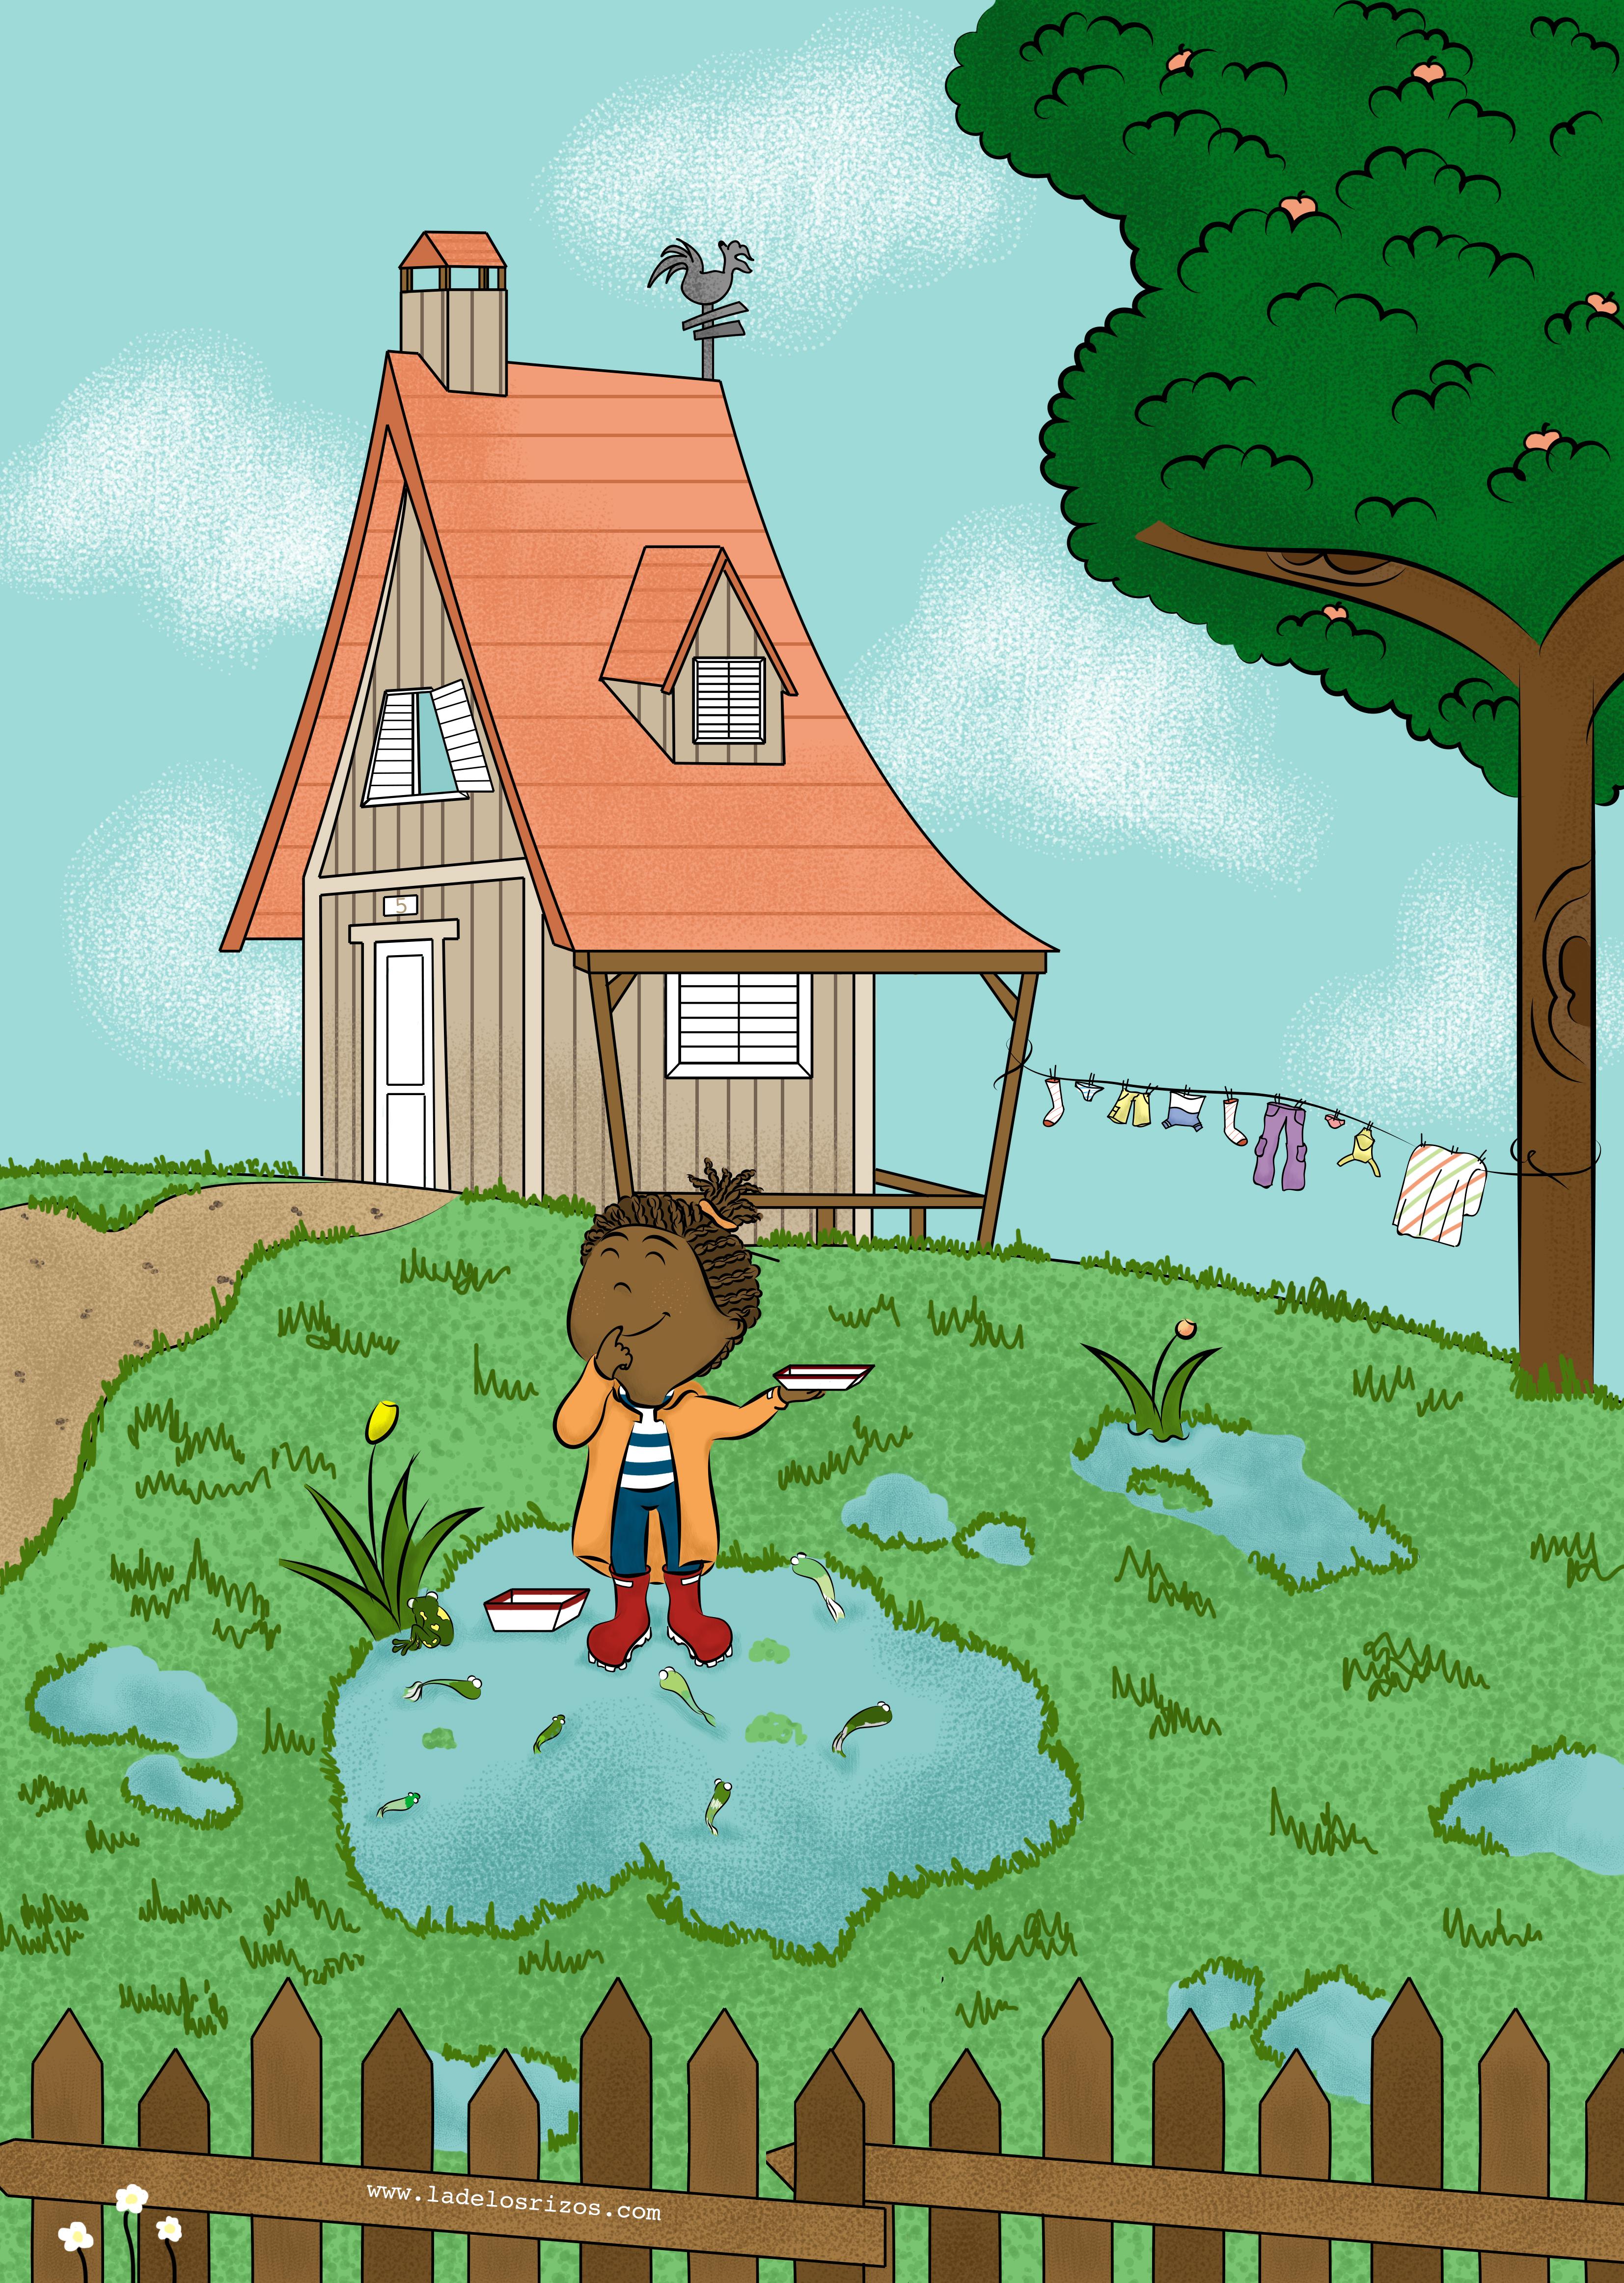 Ilustración Cuento infantil ilustrado